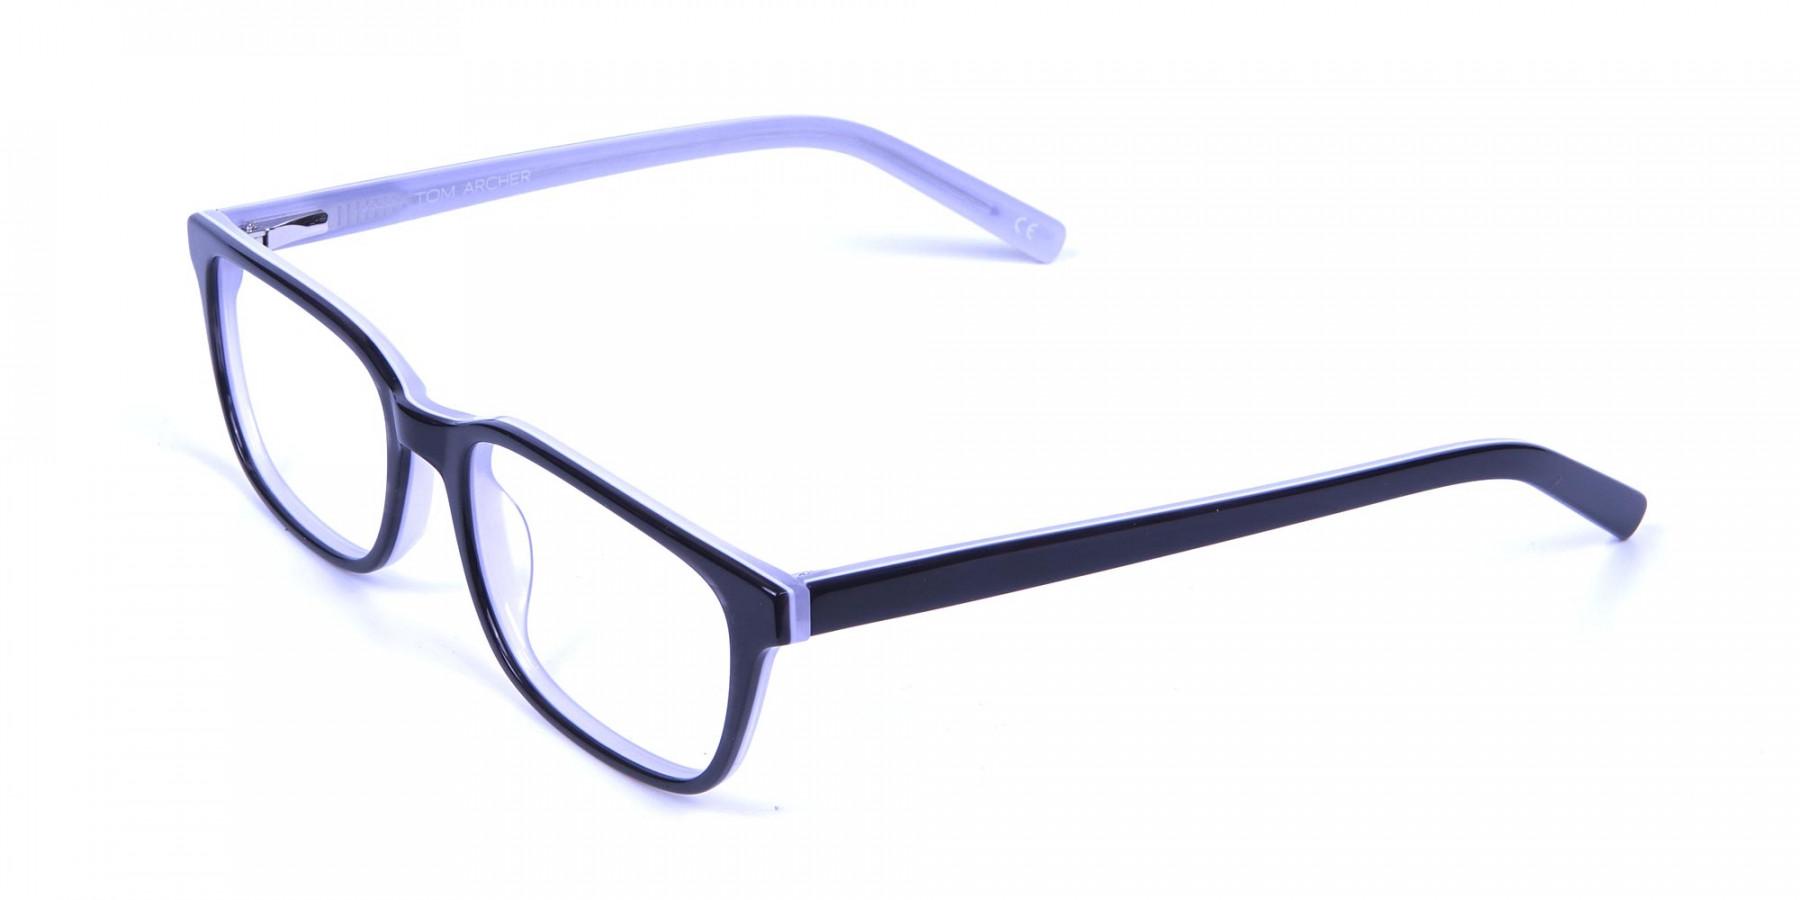 Unisex Black & White Rectangular Glasses